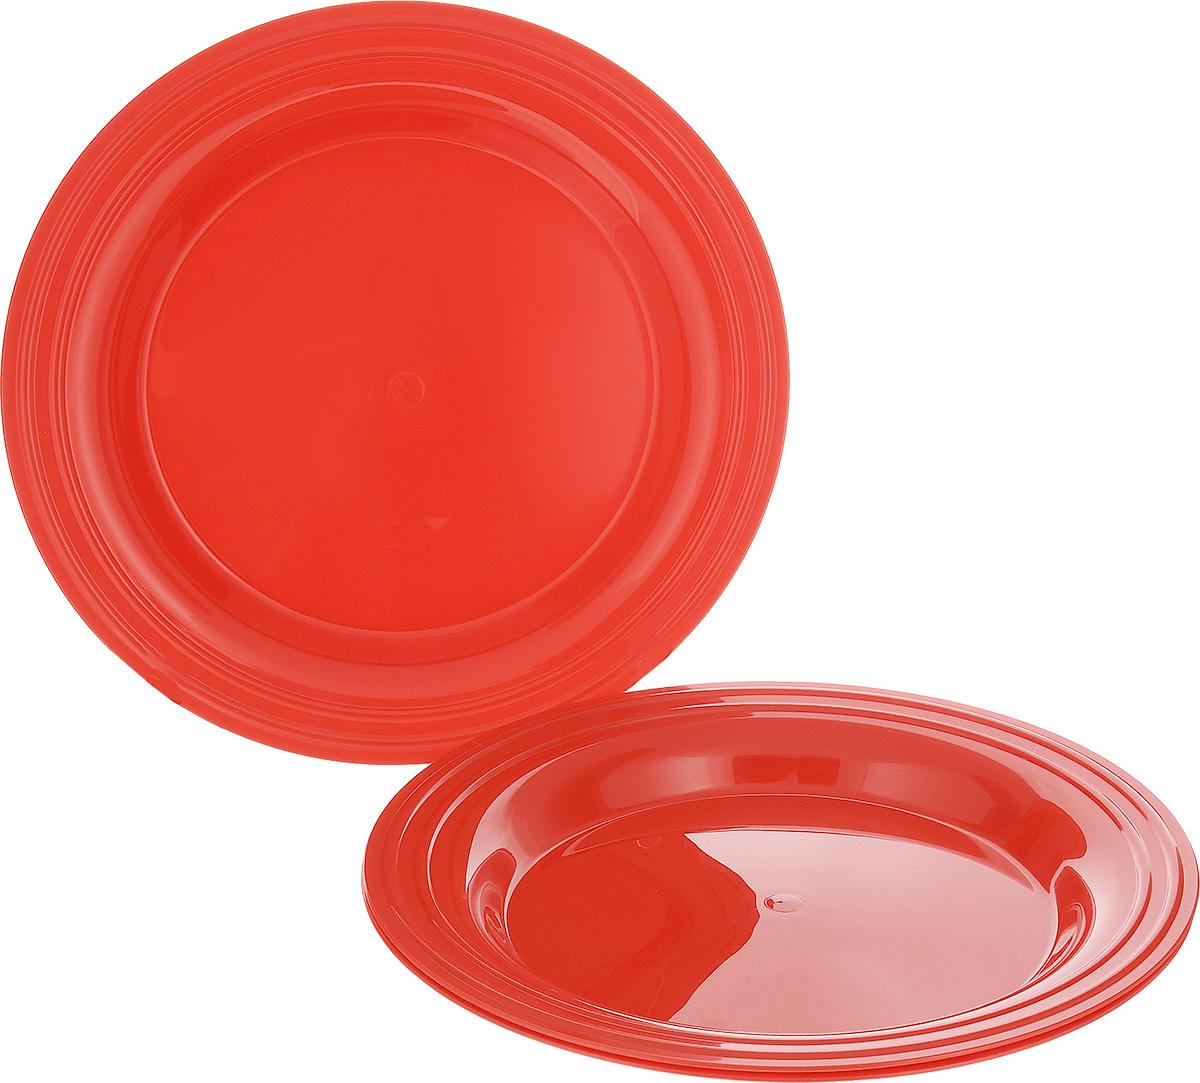 Набор тарелок Berossi Patio, цвет: красный, диаметр 25 см, 3 штИК13346000Набор тарелок Berossi Patio состоит из 3 тарелок, выполненных из высококачественного пластика. Набор отлично подойдет для вечеринок благодаря своему яркому дизайну. Тарелки Berossi Patio можно использовать дома, на даче или на пикнике. Диаметр тарелки: 25 см.